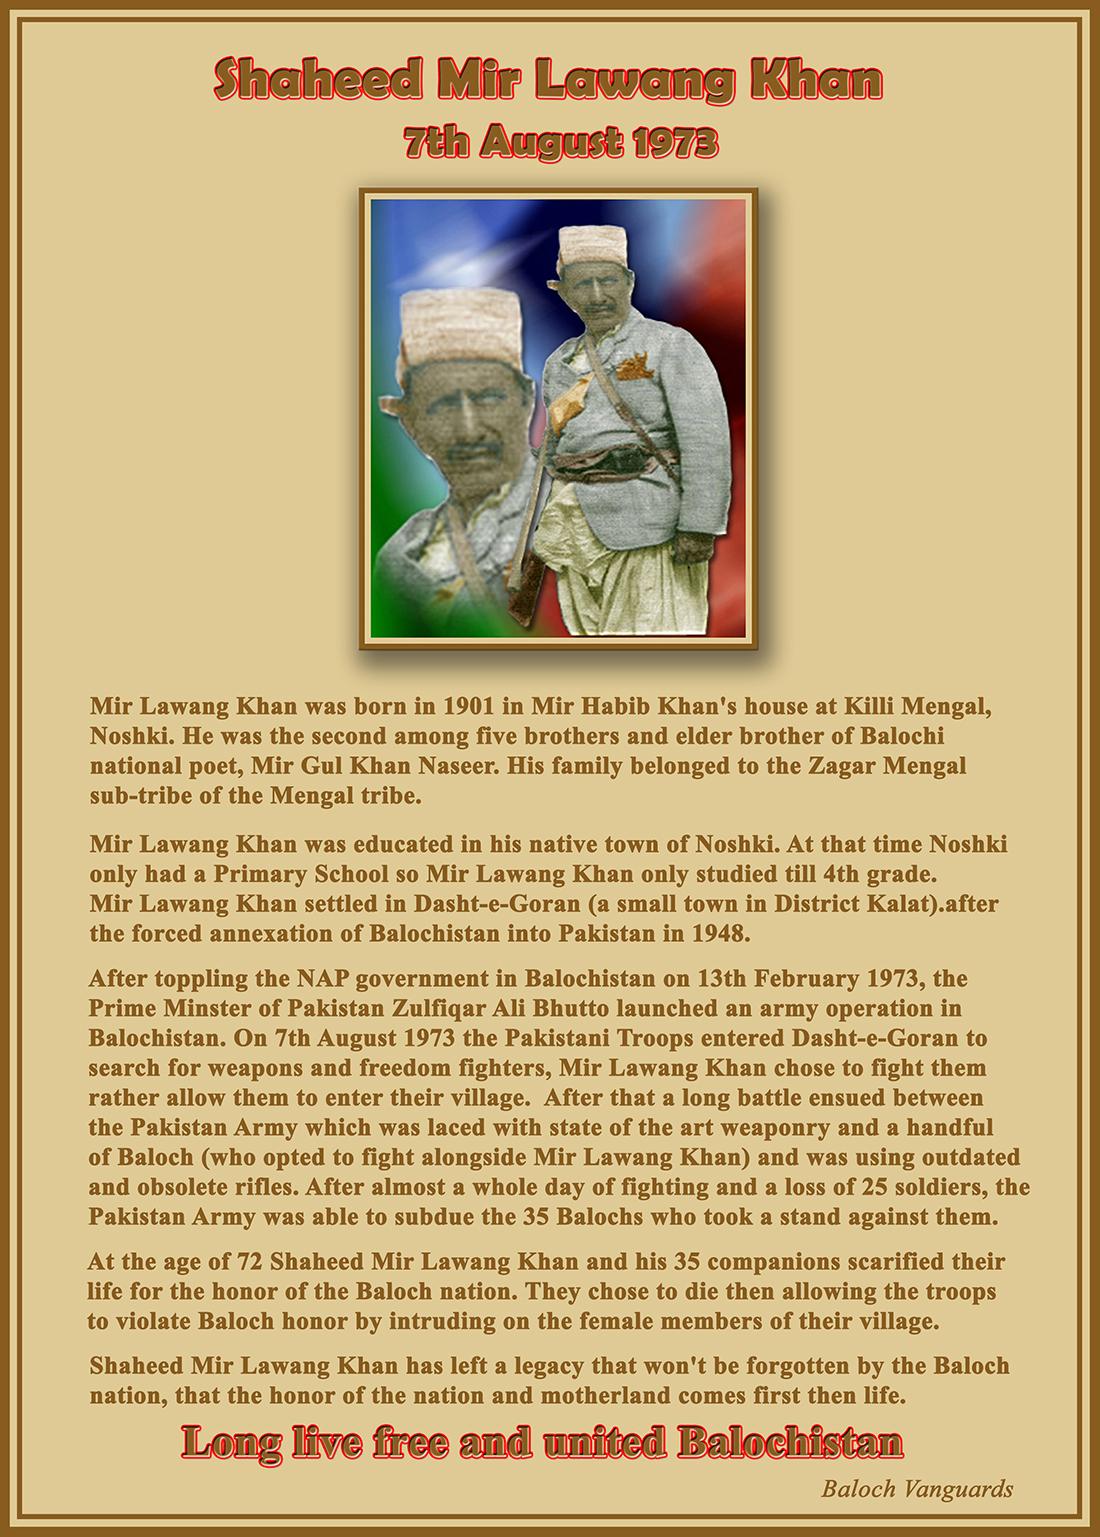 Shaheed Mir Lawang Khan